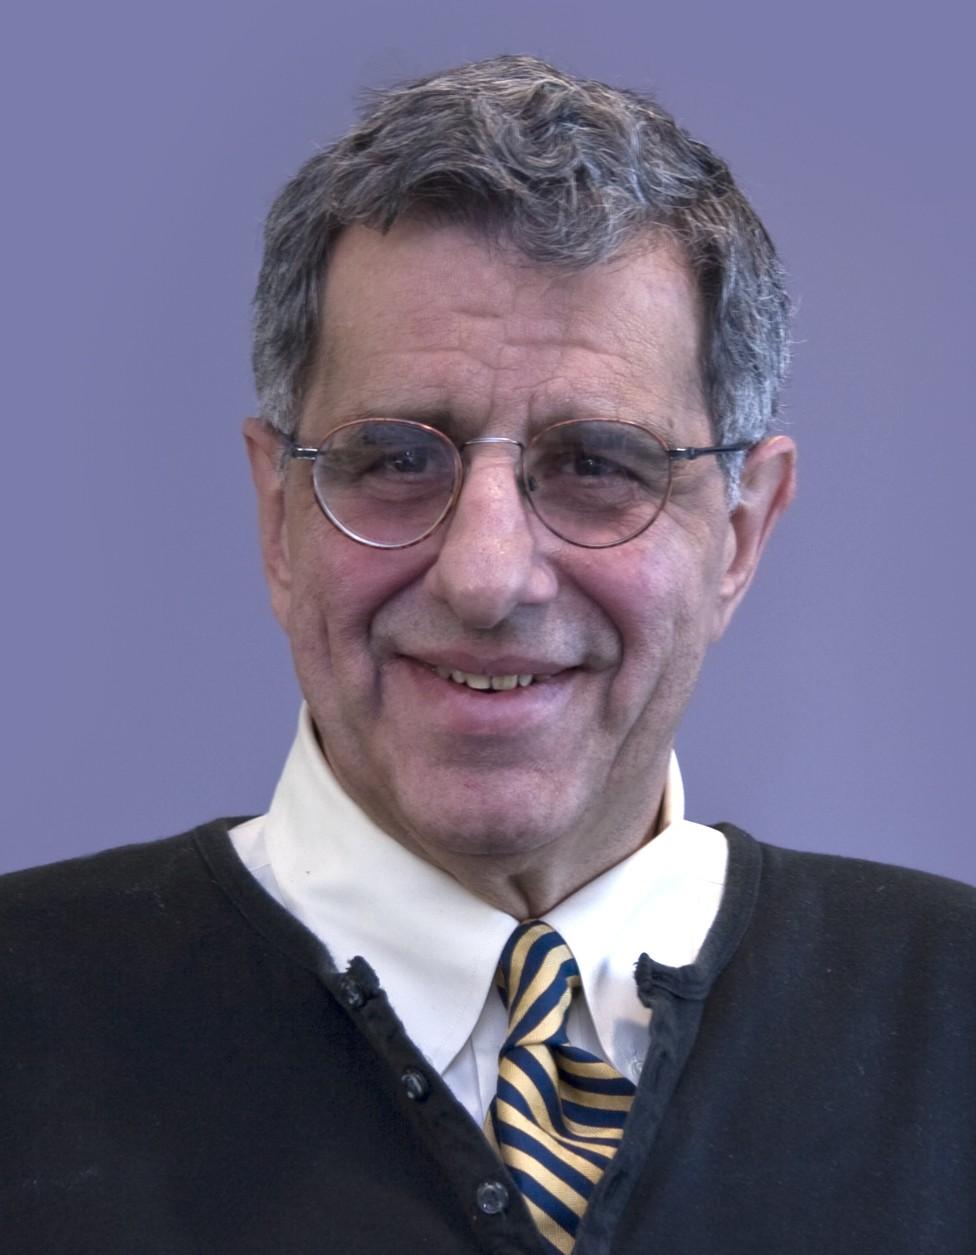 JimMatarazzo